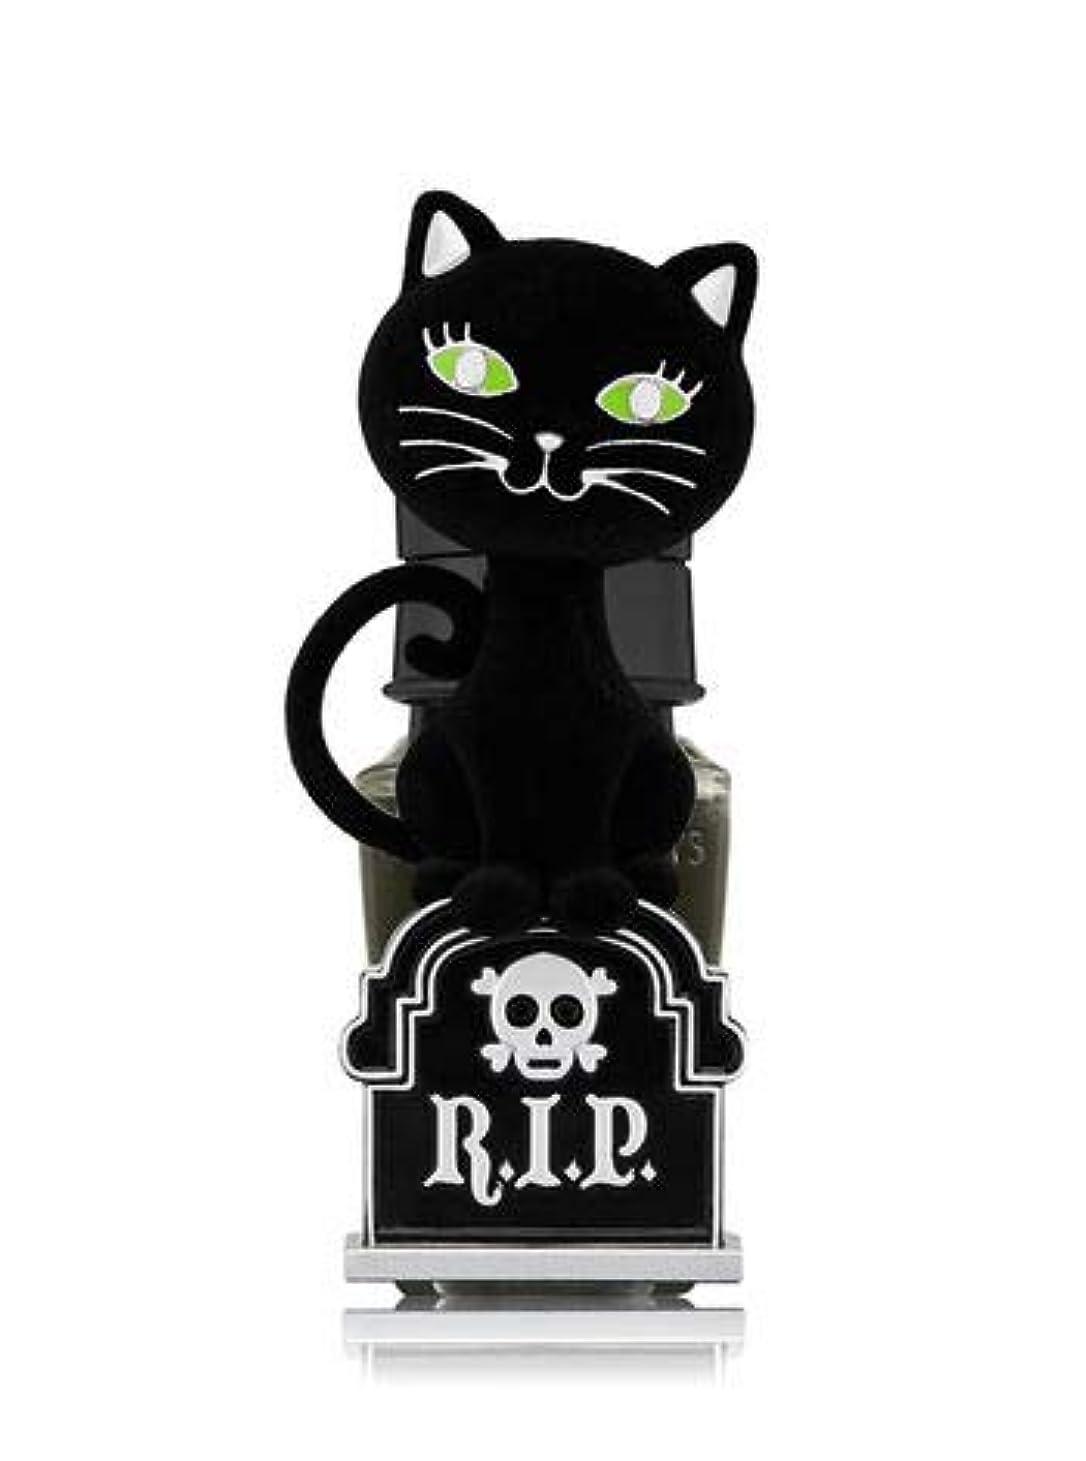 いうスリンク鼓舞する【Bath&Body Works/バス&ボディワークス】 ルームフレグランス プラグインスターター (本体のみ) ハロウィン 黒猫 ナイトライト Wallflowers Fragrance Plug Halloween Tombstone Kitty Night Light [並行輸入品]